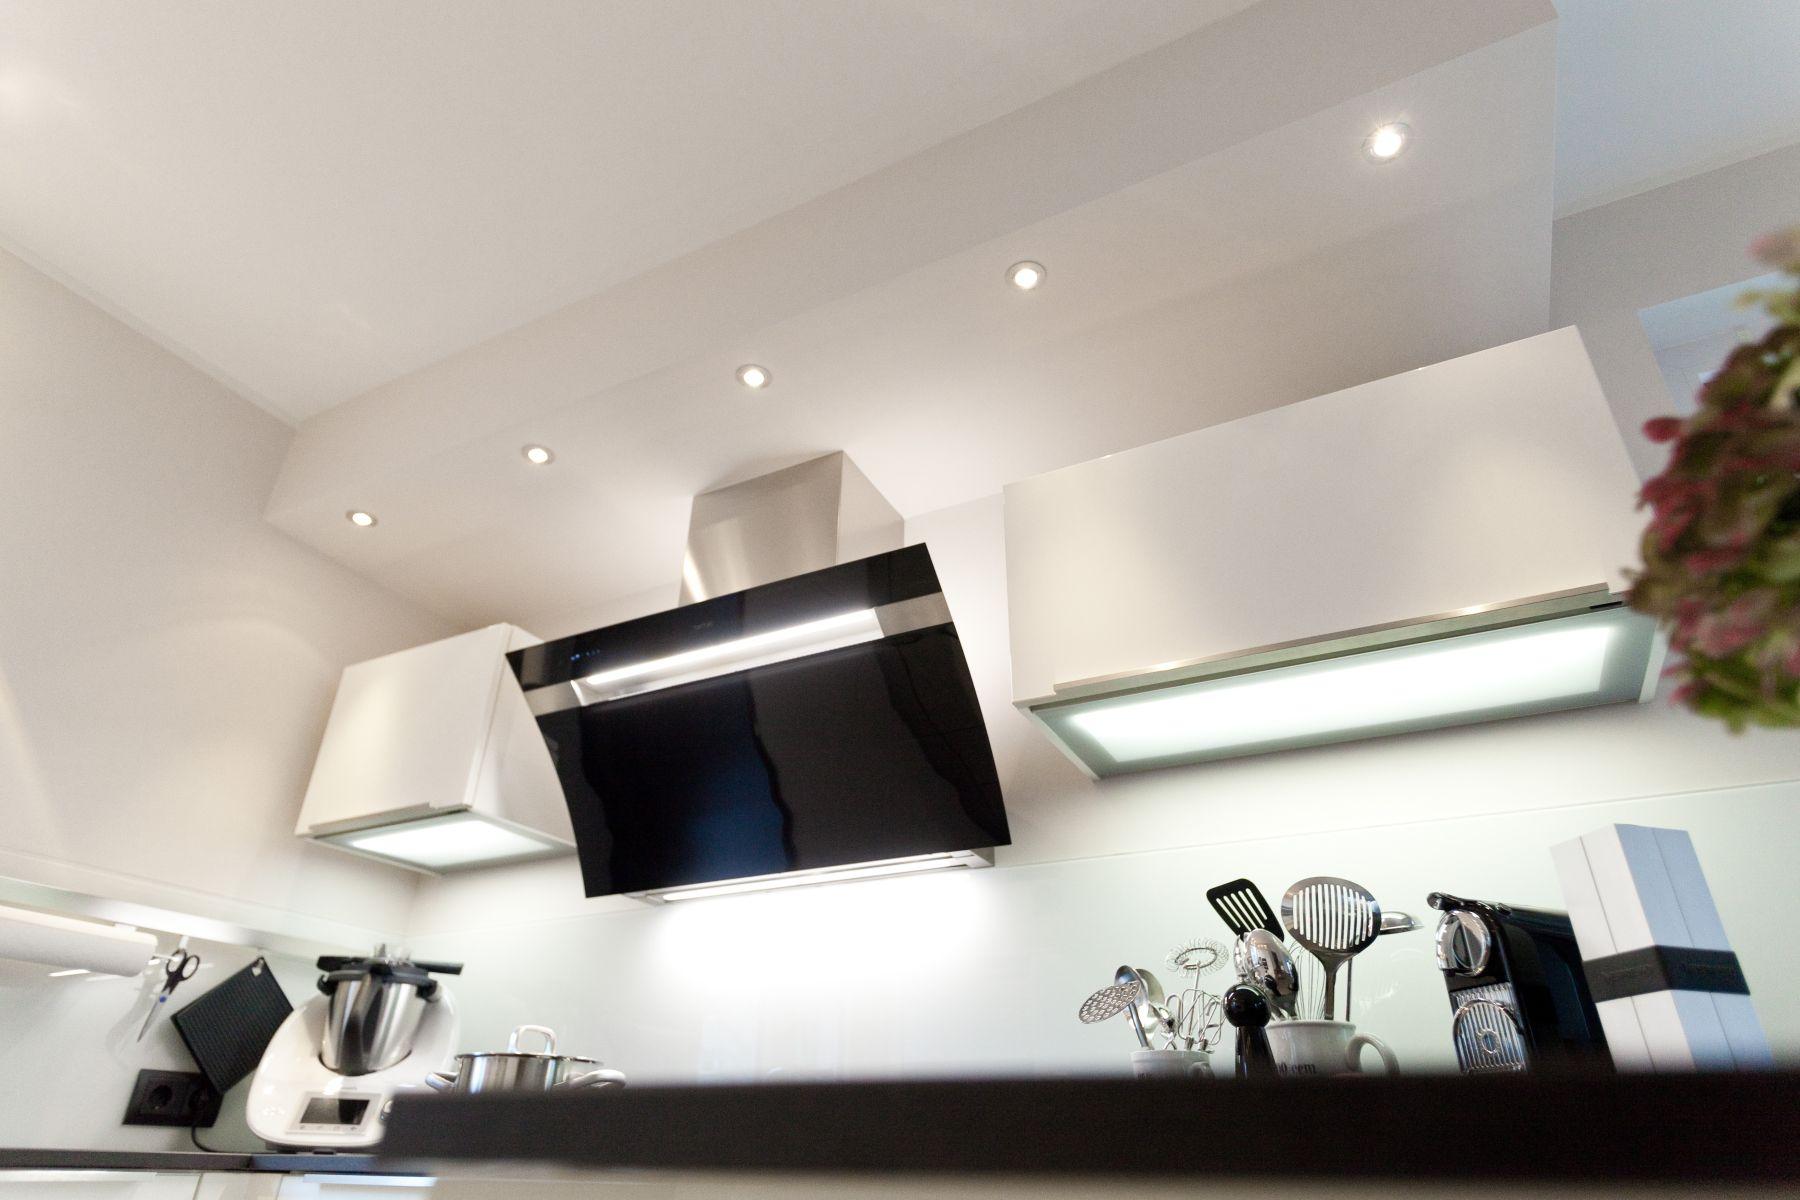 h cker k che in wei mit granit arbeitsplatte und berbel dunstabzug. Black Bedroom Furniture Sets. Home Design Ideas